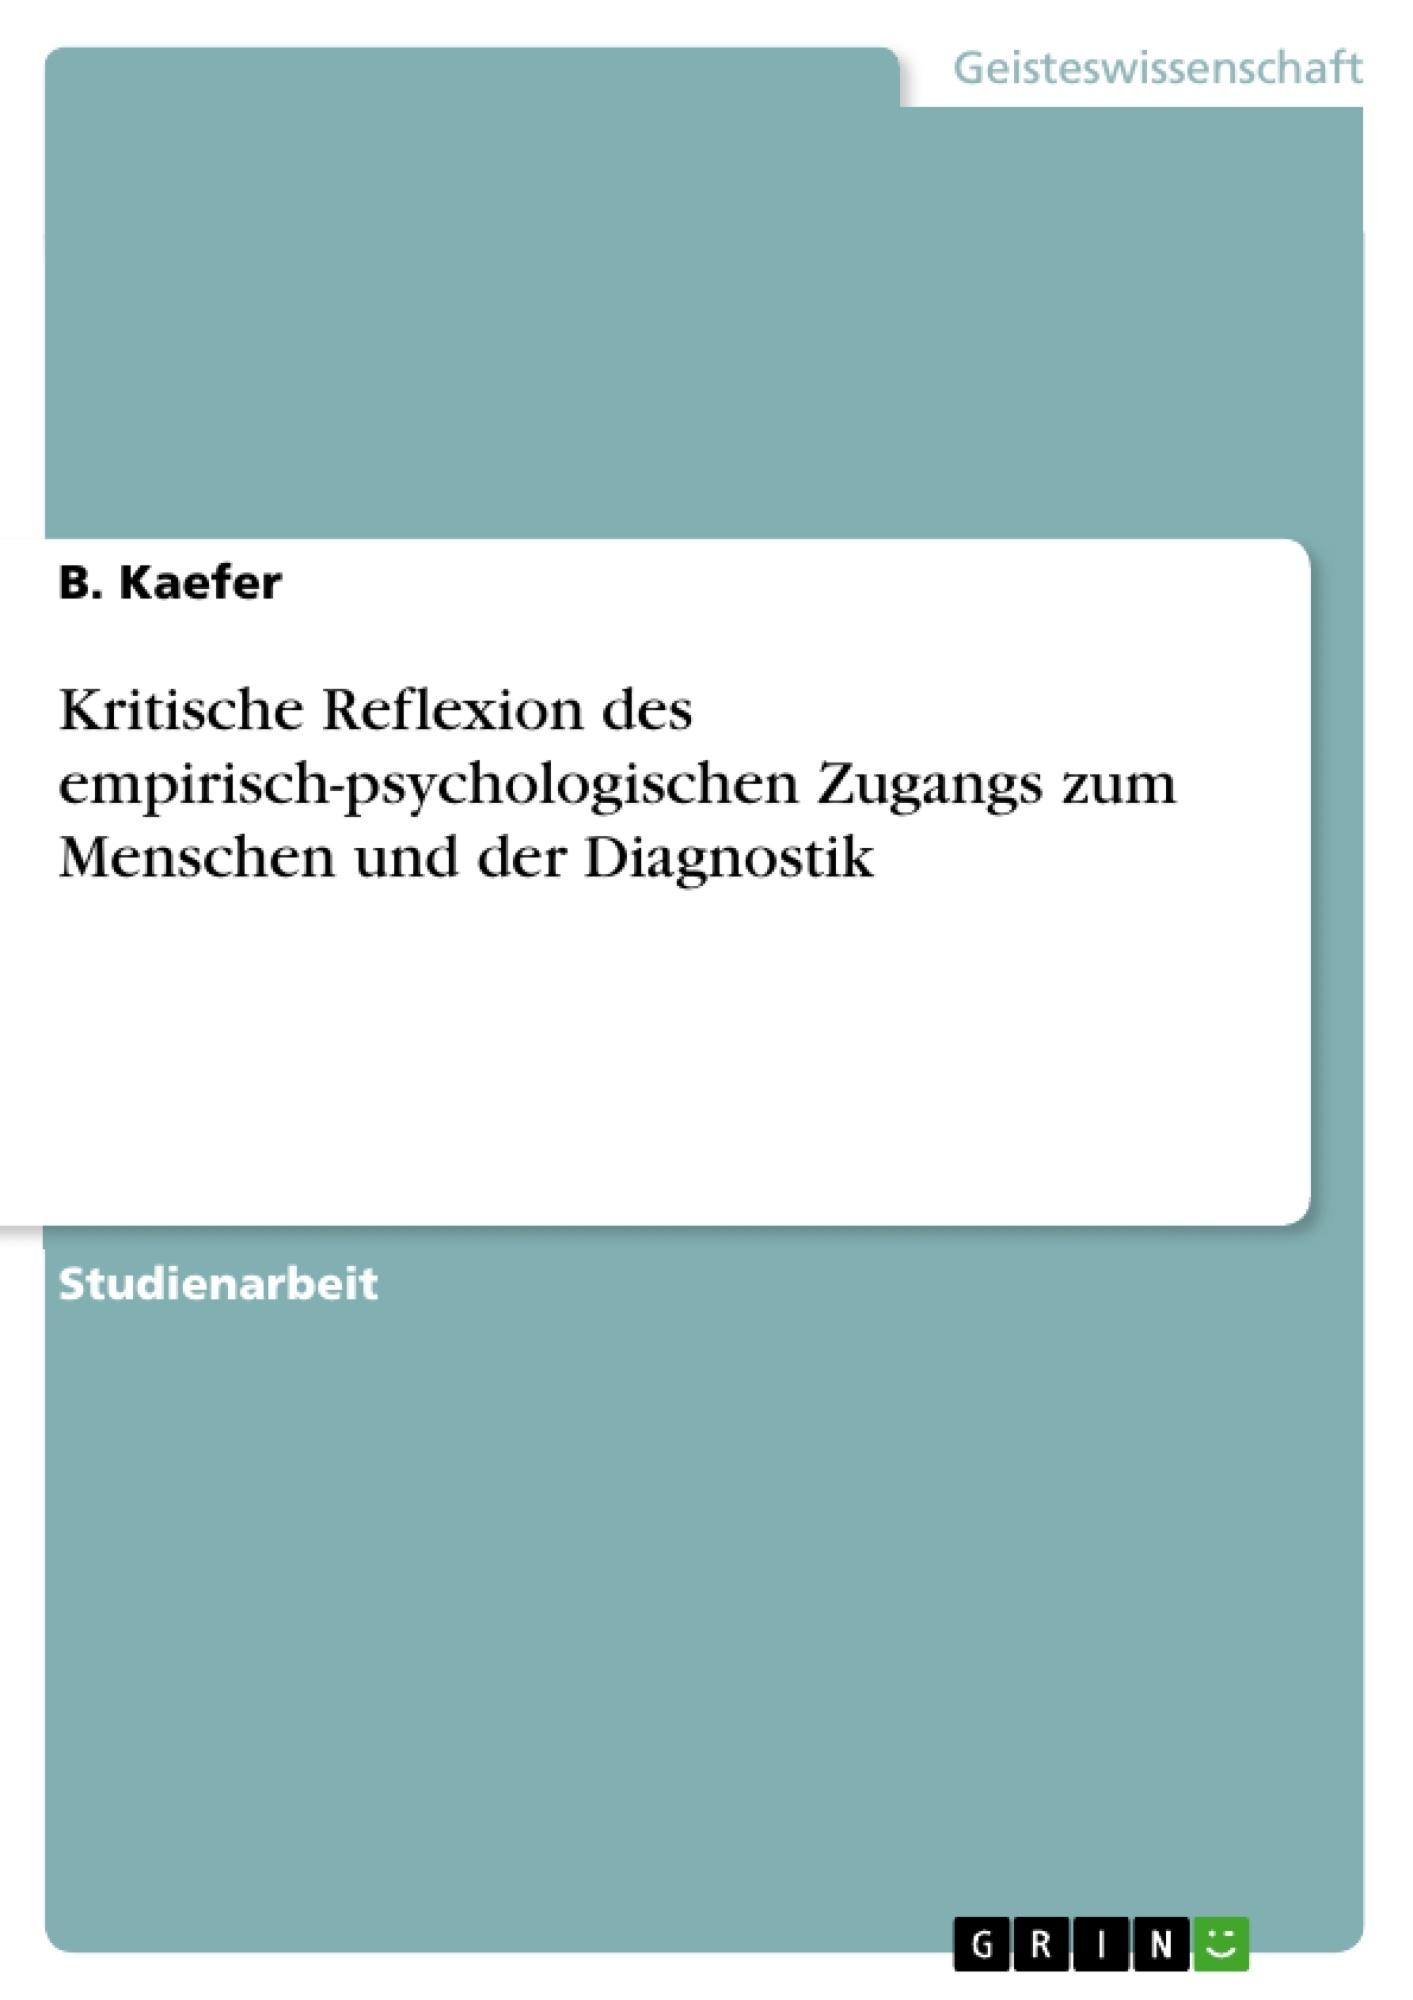 Titel: Kritische Reflexion des empirisch-psychologischen Zugangs zum Menschen und der Diagnostik